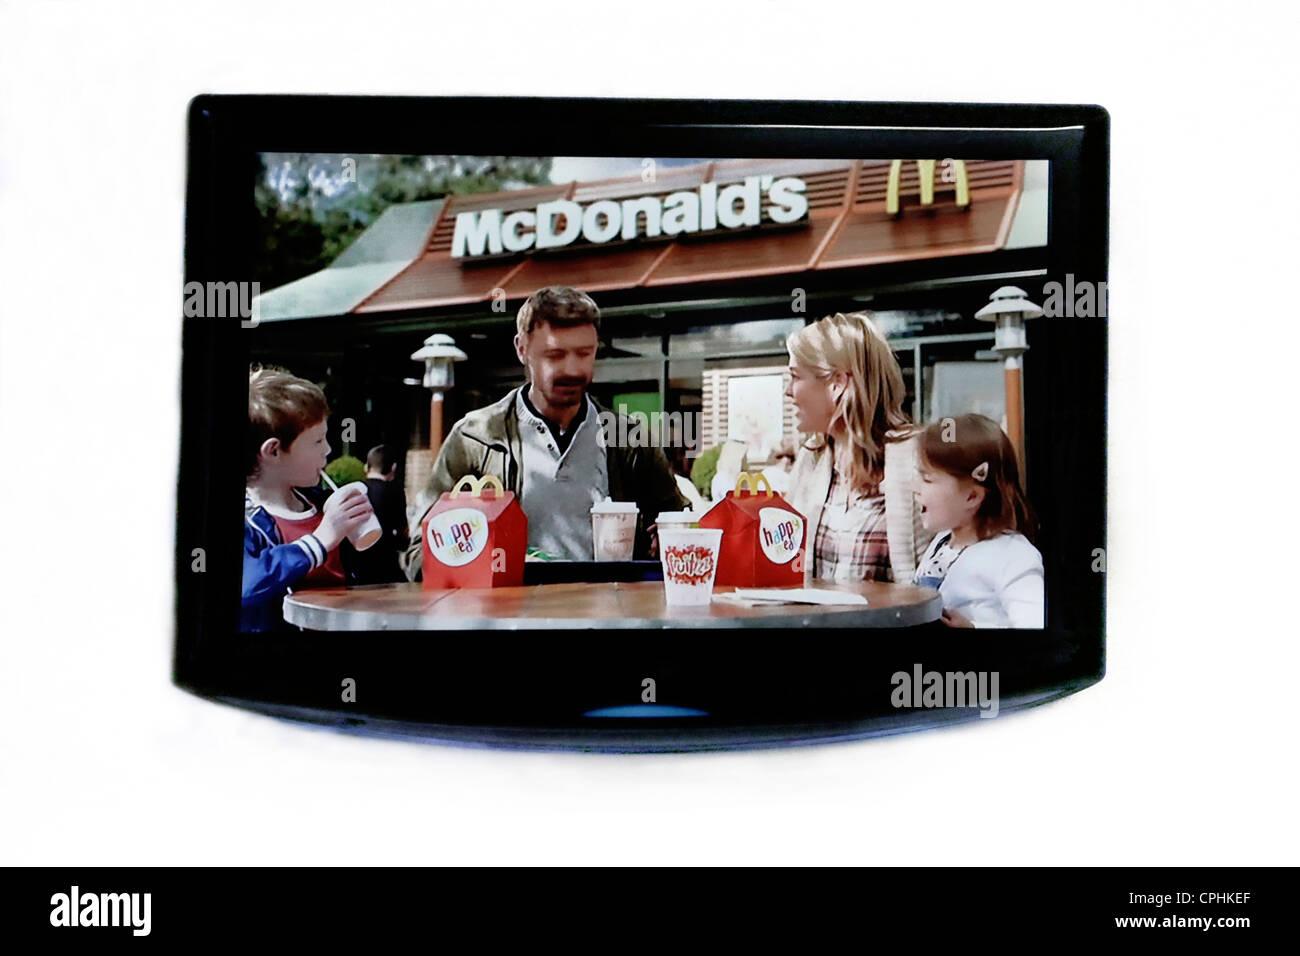 Hd Werbung samsung flachbild hd tv zeigen werbung für mcdonalds stockfoto bild